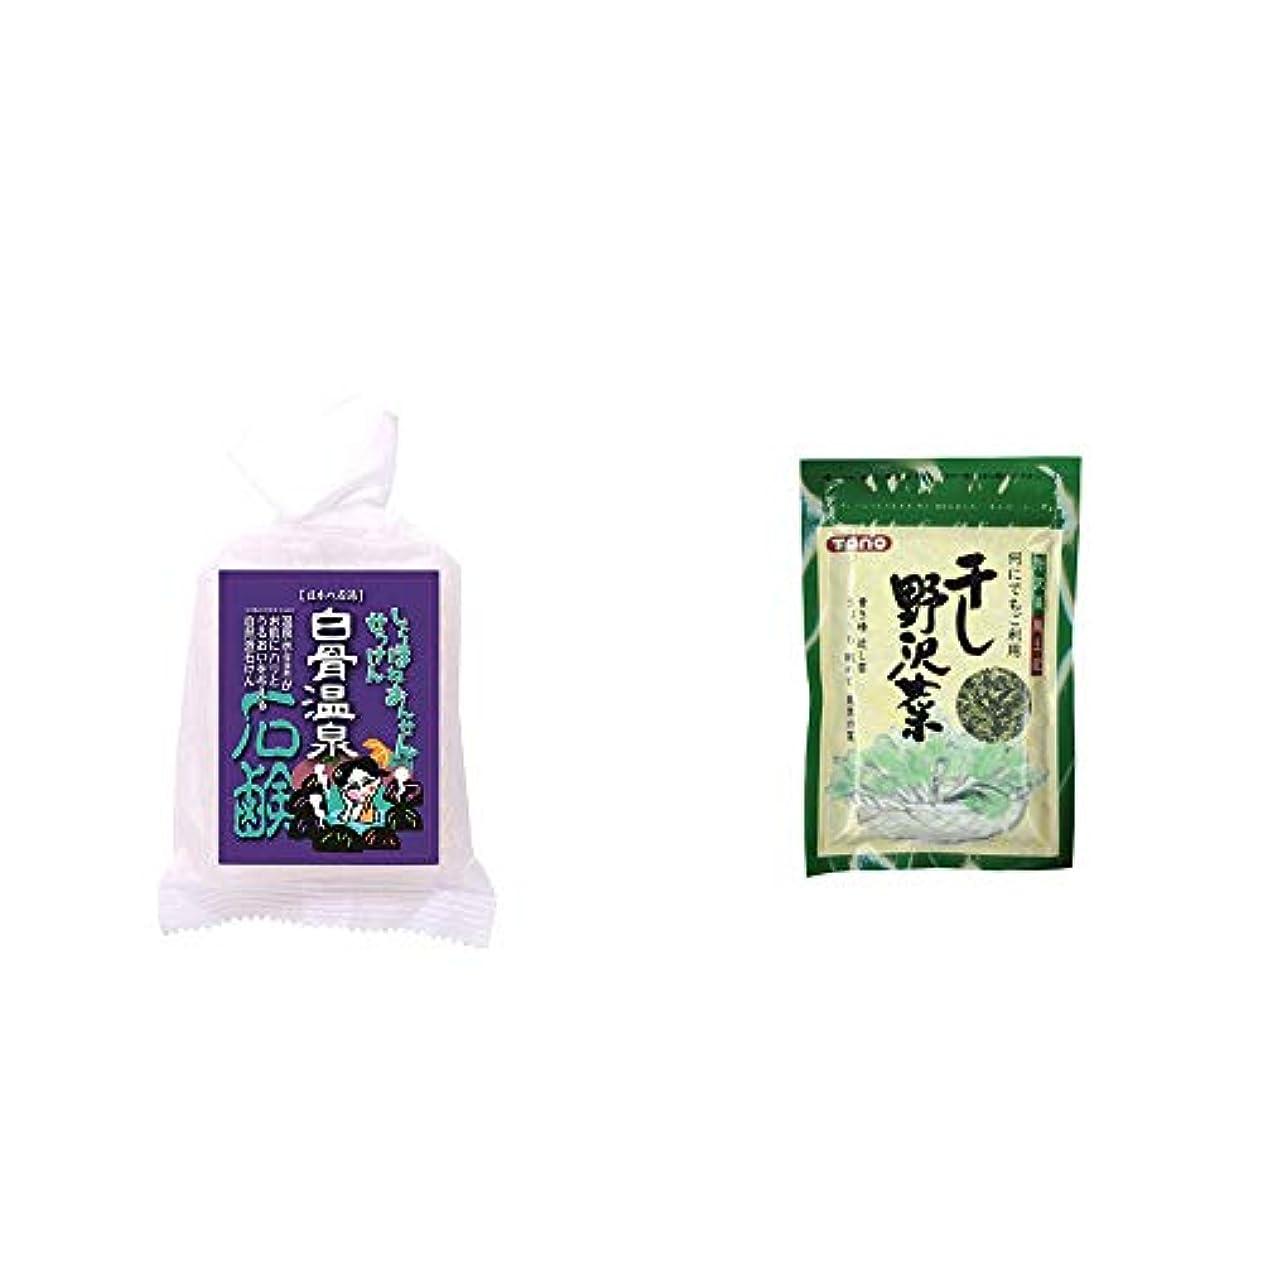 作曲家真面目なバリア[2点セット] 信州 白骨温泉石鹸(80g)?干し野沢菜(100g)